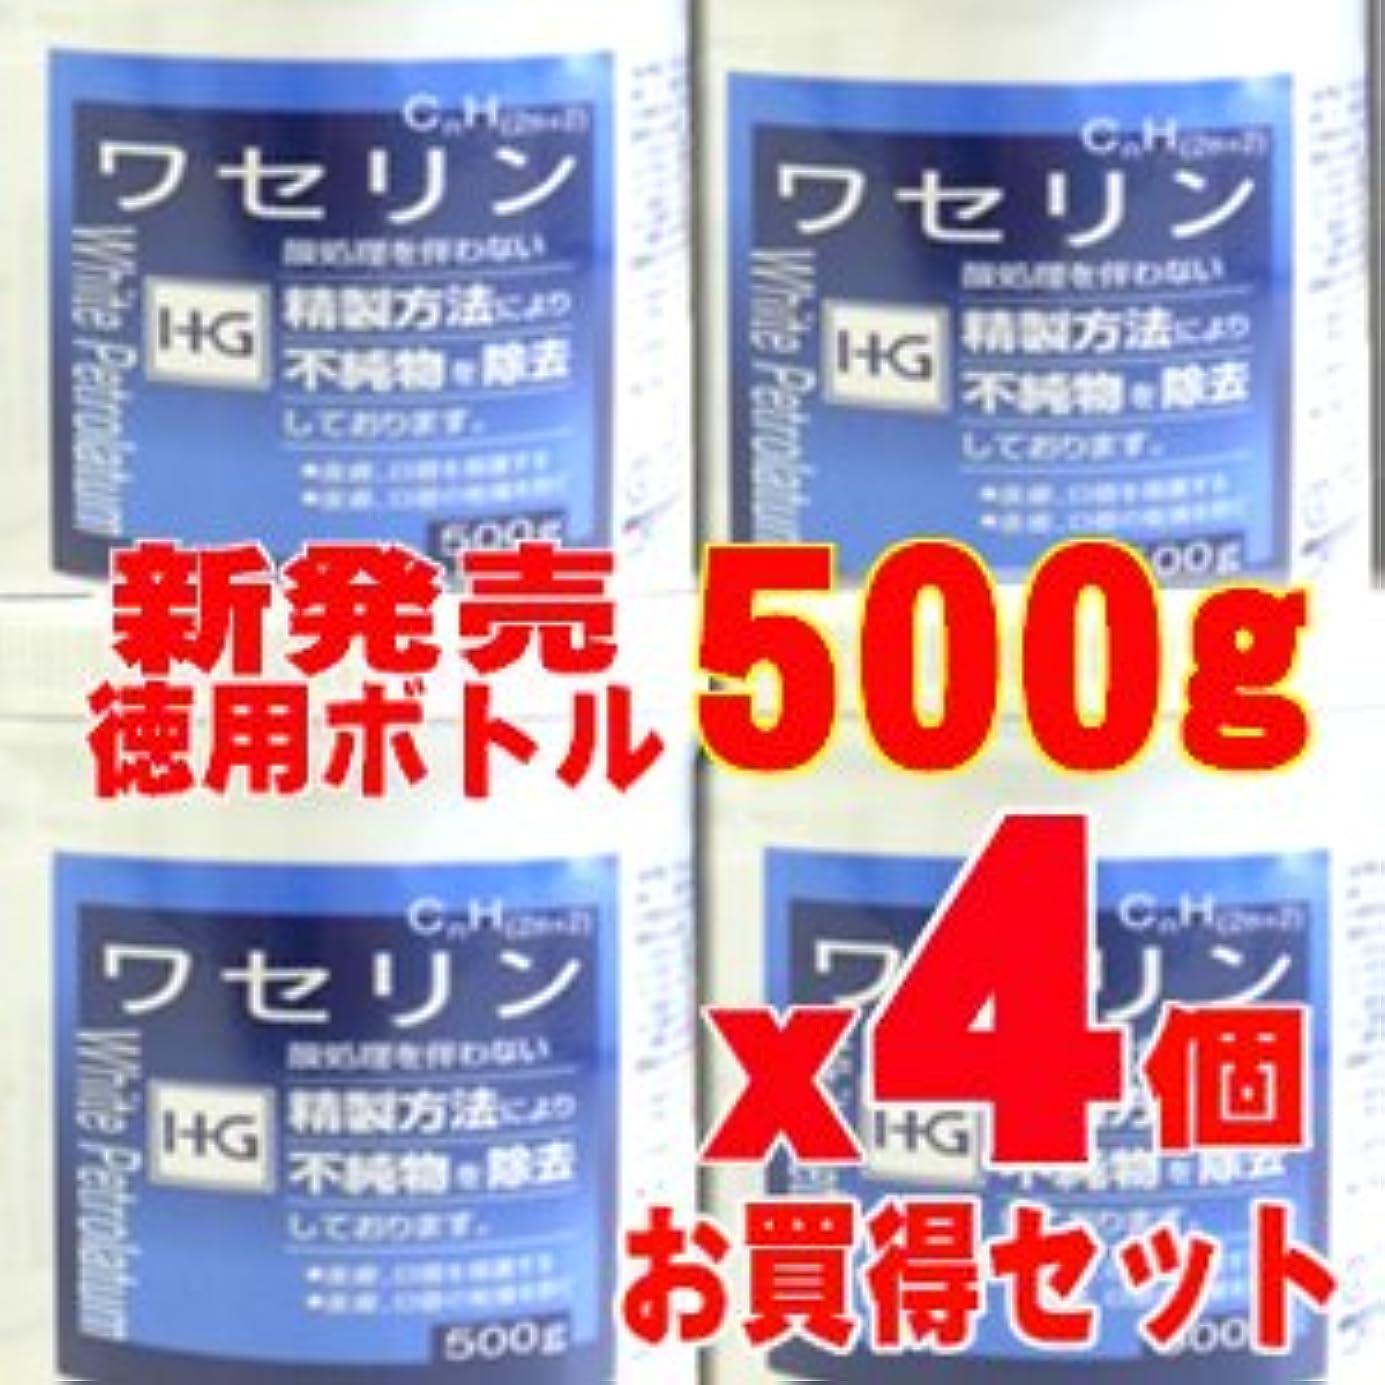 哀ミッション届ける【敏感肌の方に最適!】皮膚保護 ワセリンHG 徳用500gx4個セット